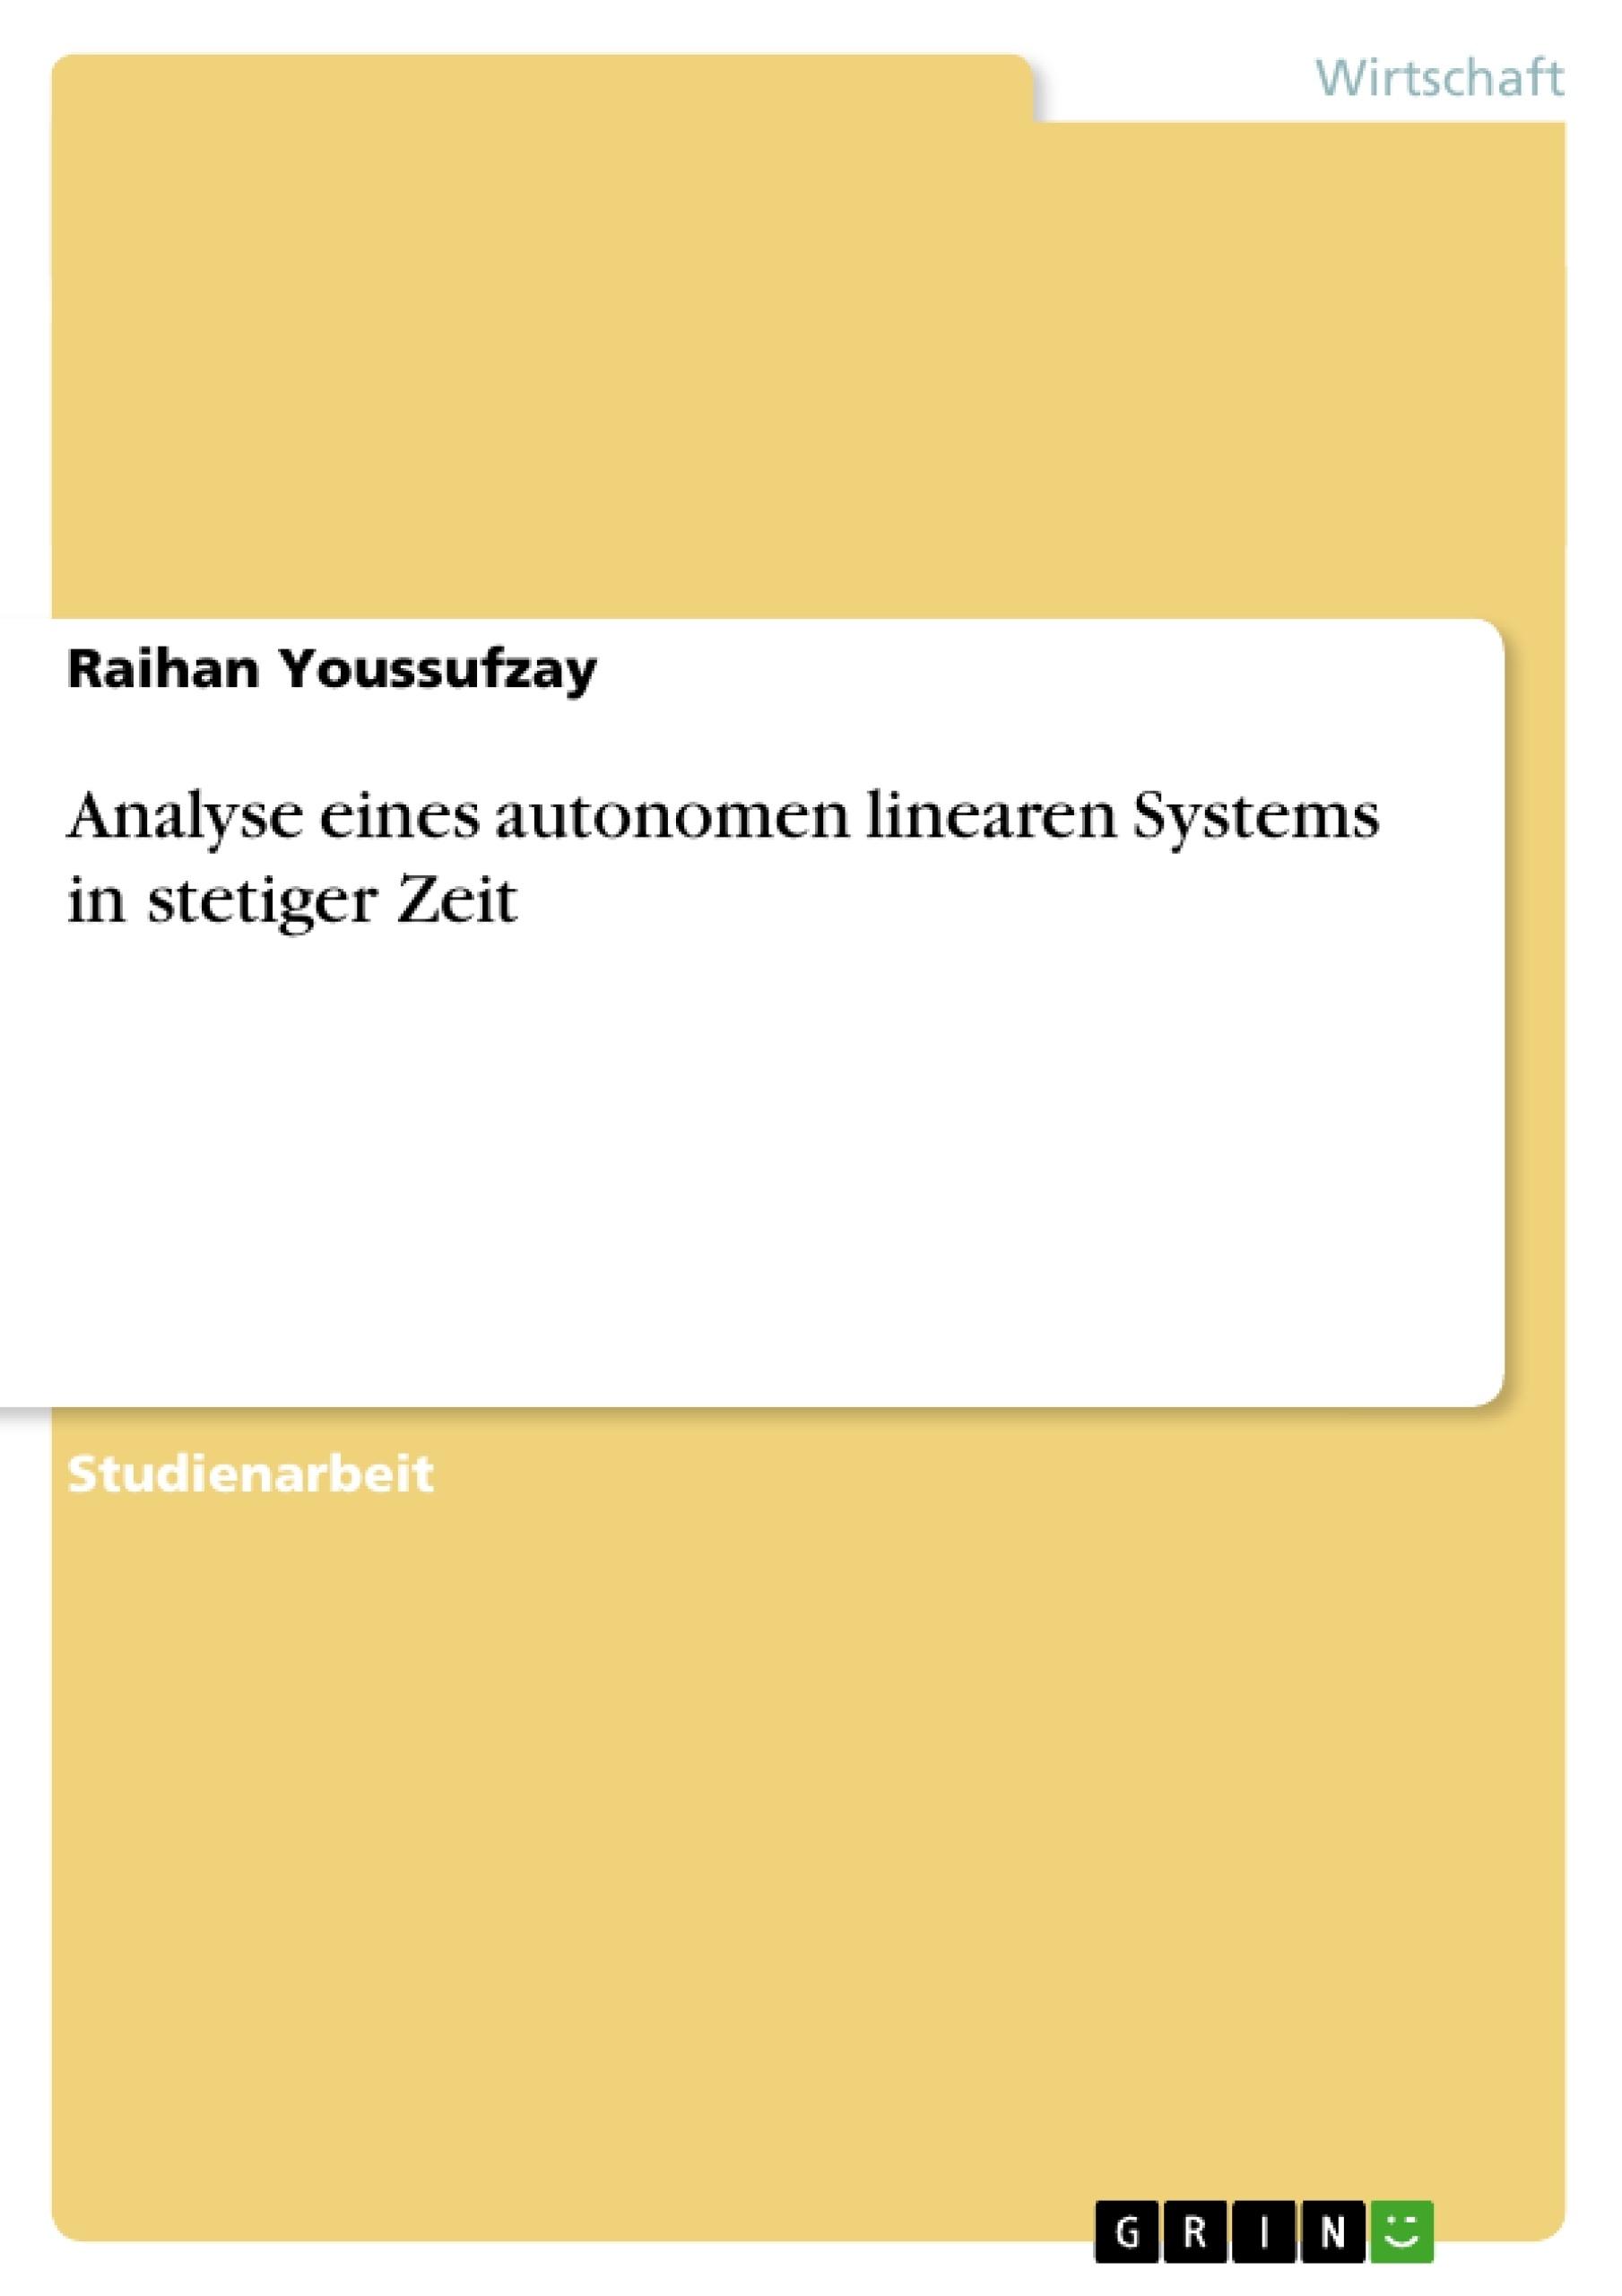 Titel: Analyse eines autonomen linearen Systems in stetiger Zeit